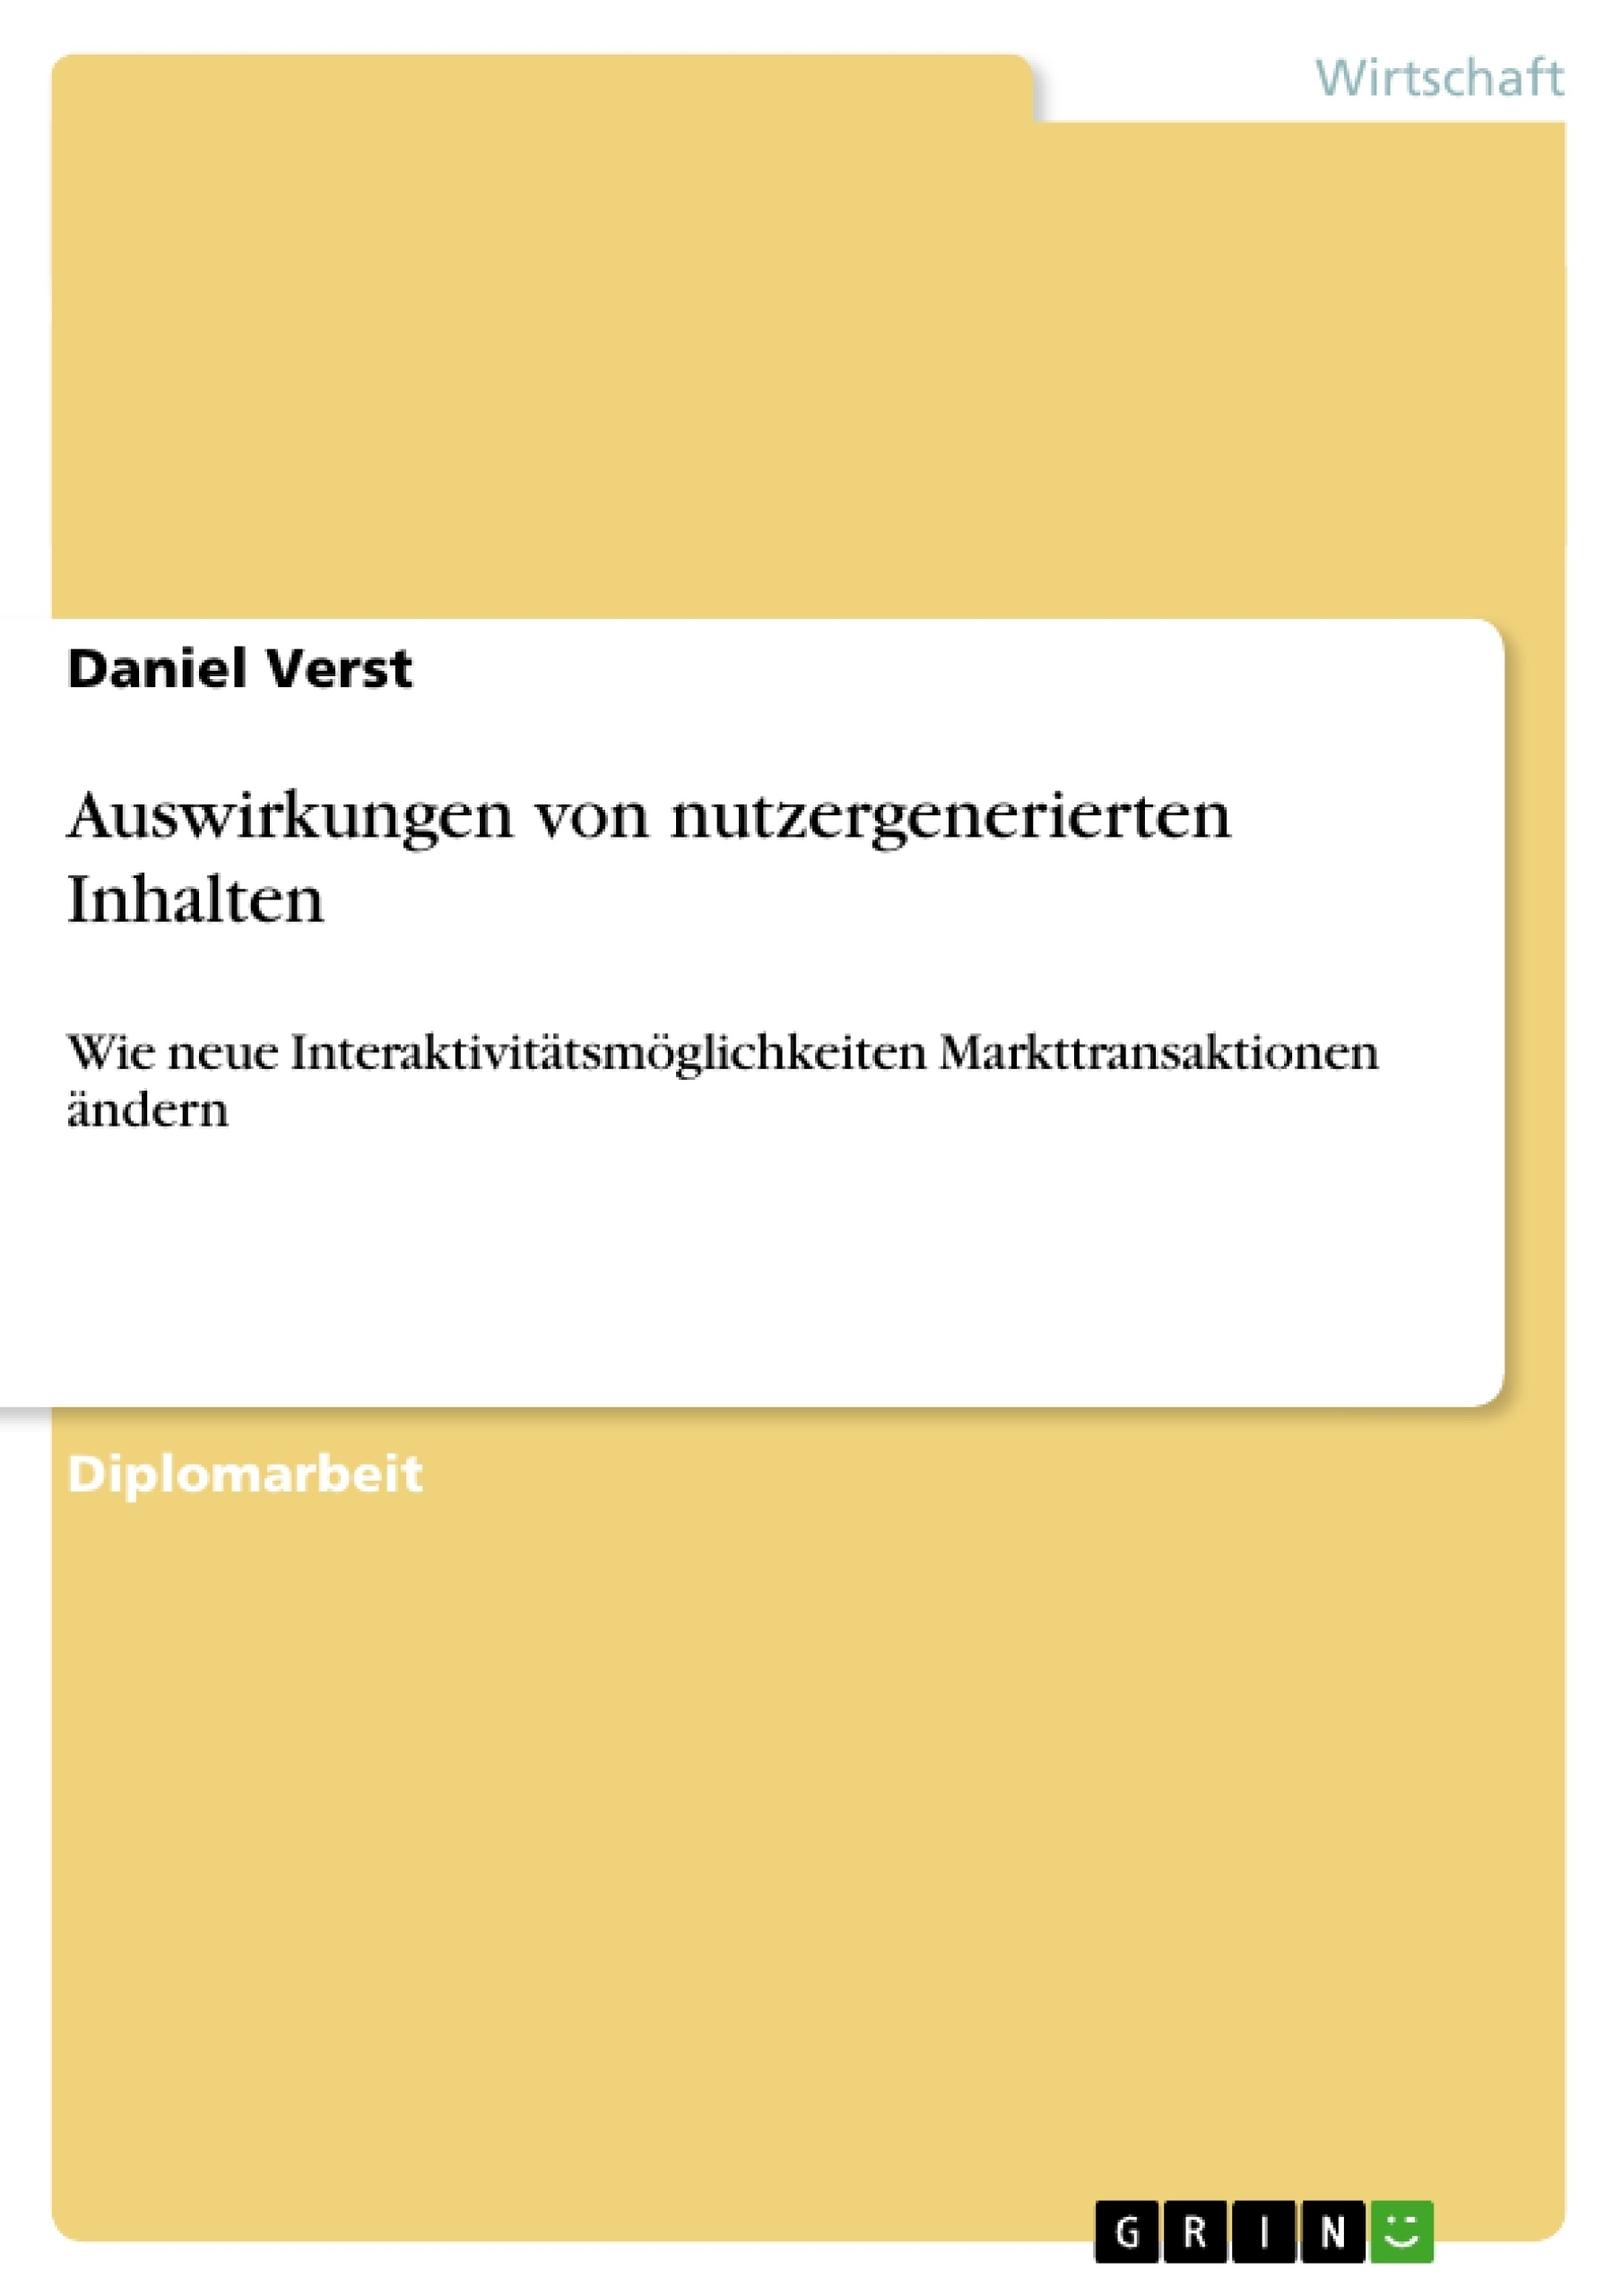 Titel: Auswirkungen von nutzergenerierten Inhalten